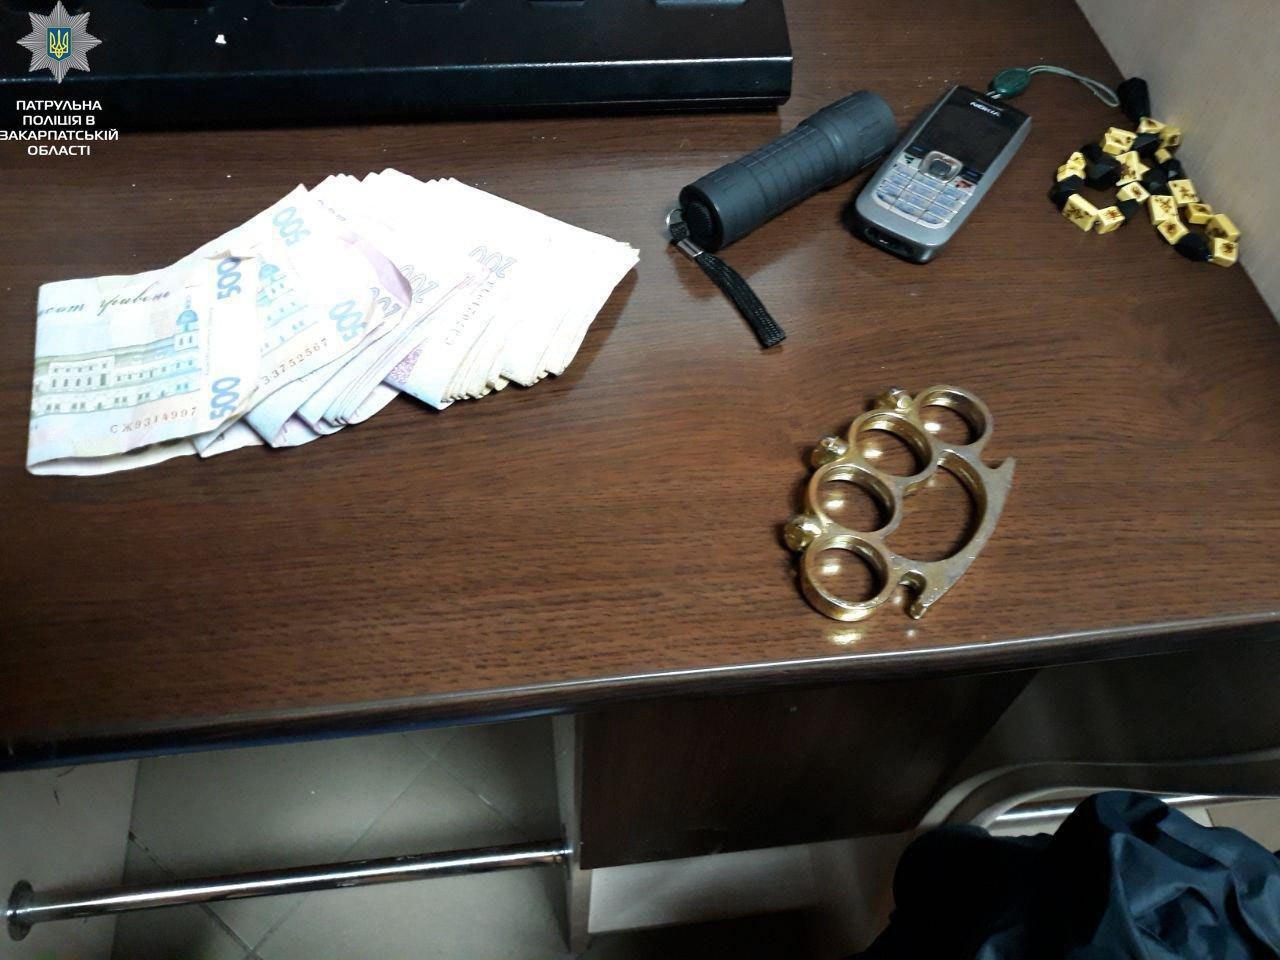 """У Мукачеві патрульні знайшли у гравця """"апаратки"""" марихуану і кастет, а у понятого - """"кристали"""" (ФОТО), фото-1"""